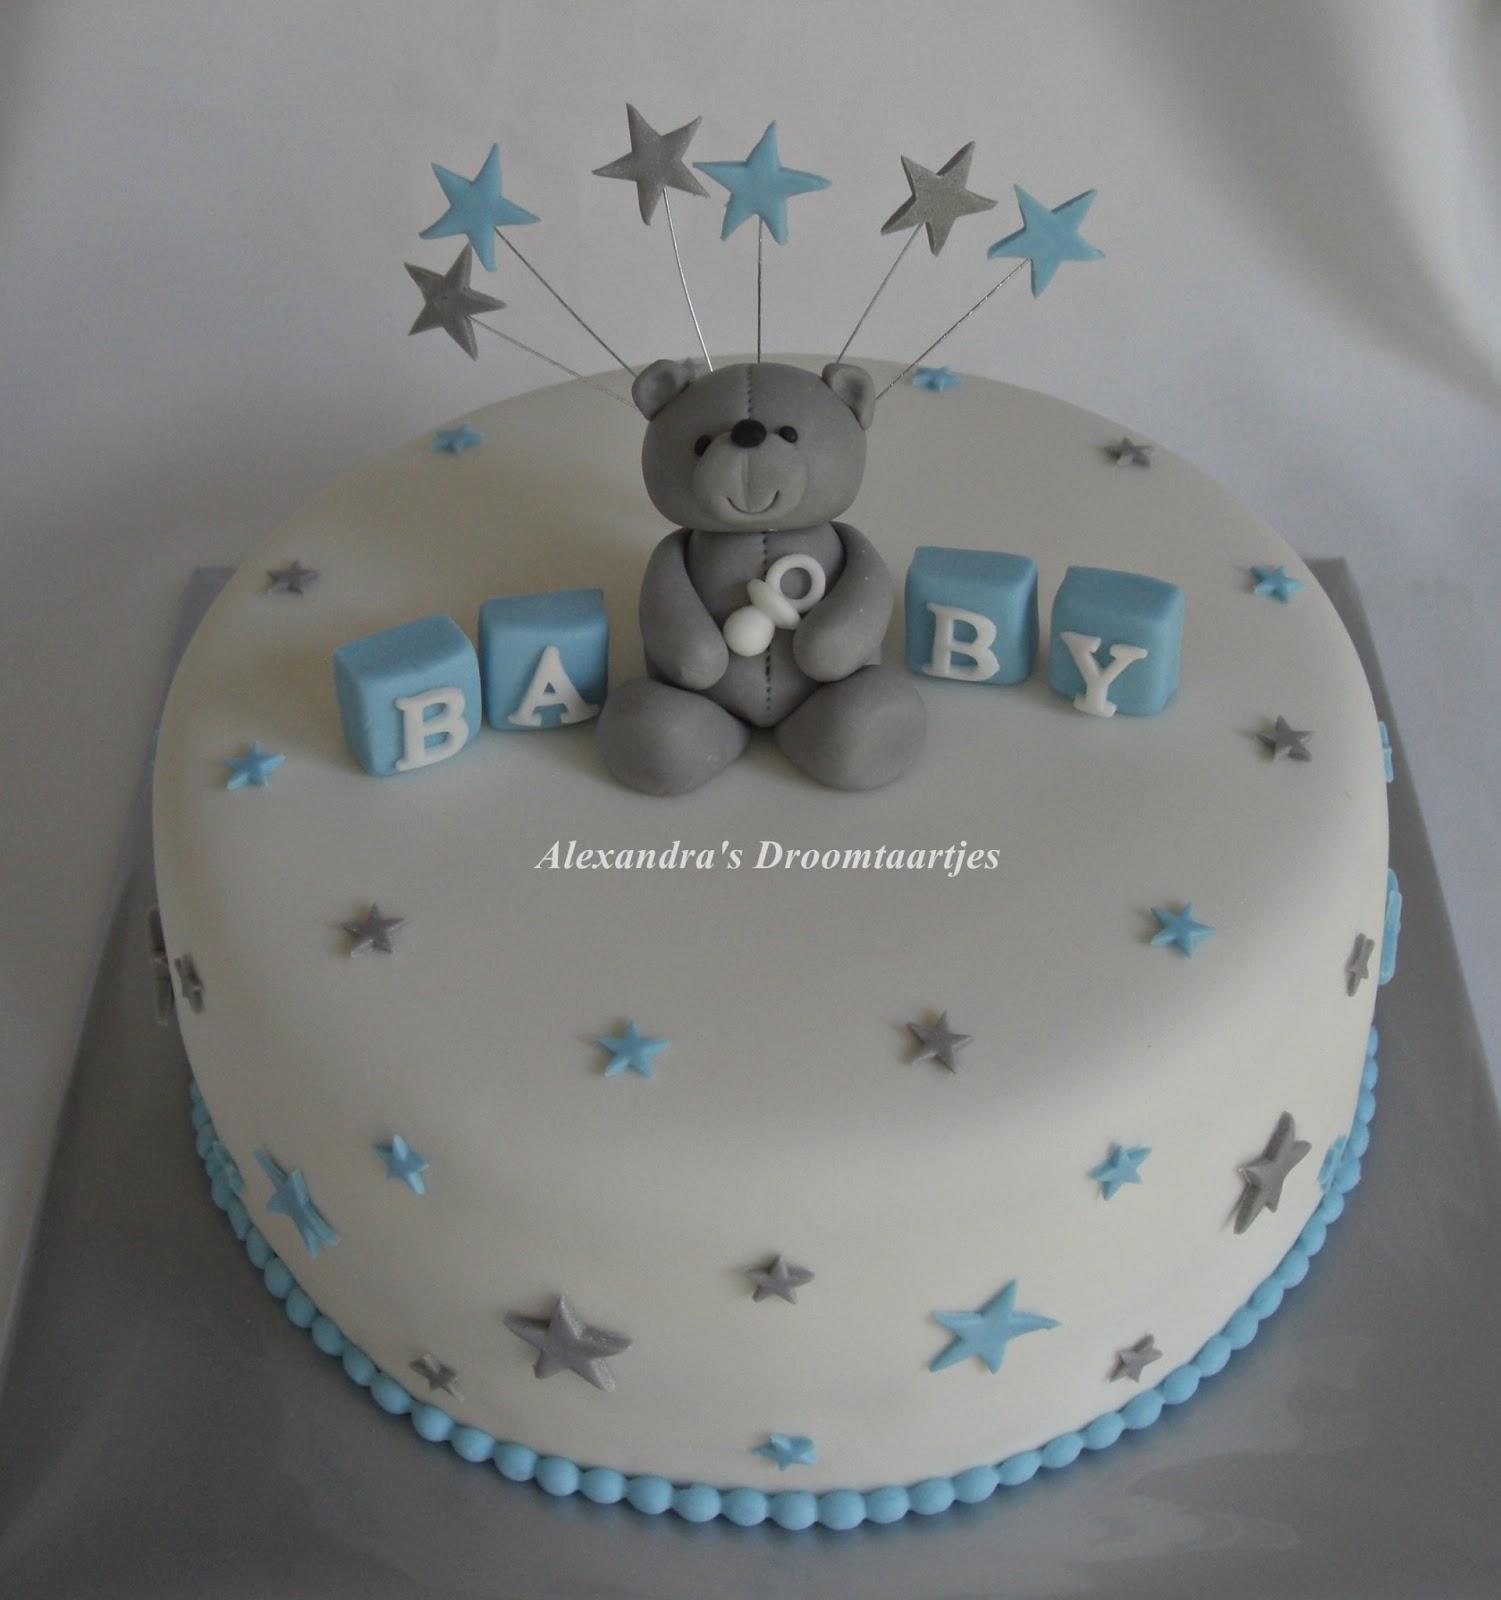 babyshower taart Babyshower taart jongen | Alexandra's droomtaartjes babyshower taart